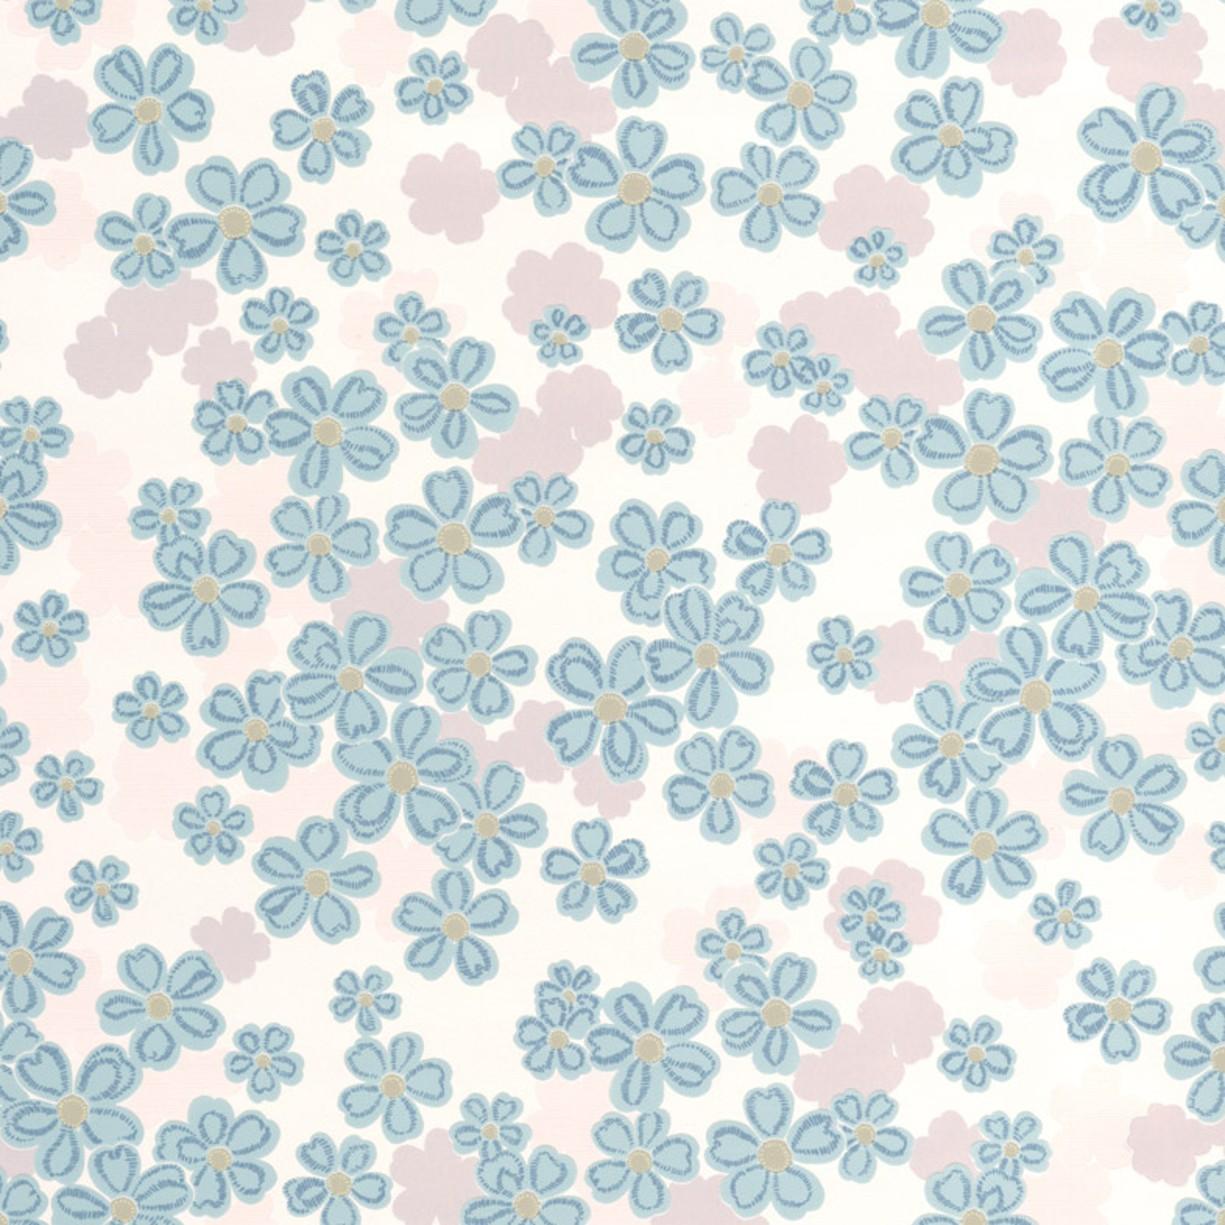 Tapety na zeď Vavex 20-615 | 0,53 x 10,05 m (Vinylová tapeta - šedá, modrá, zelená)